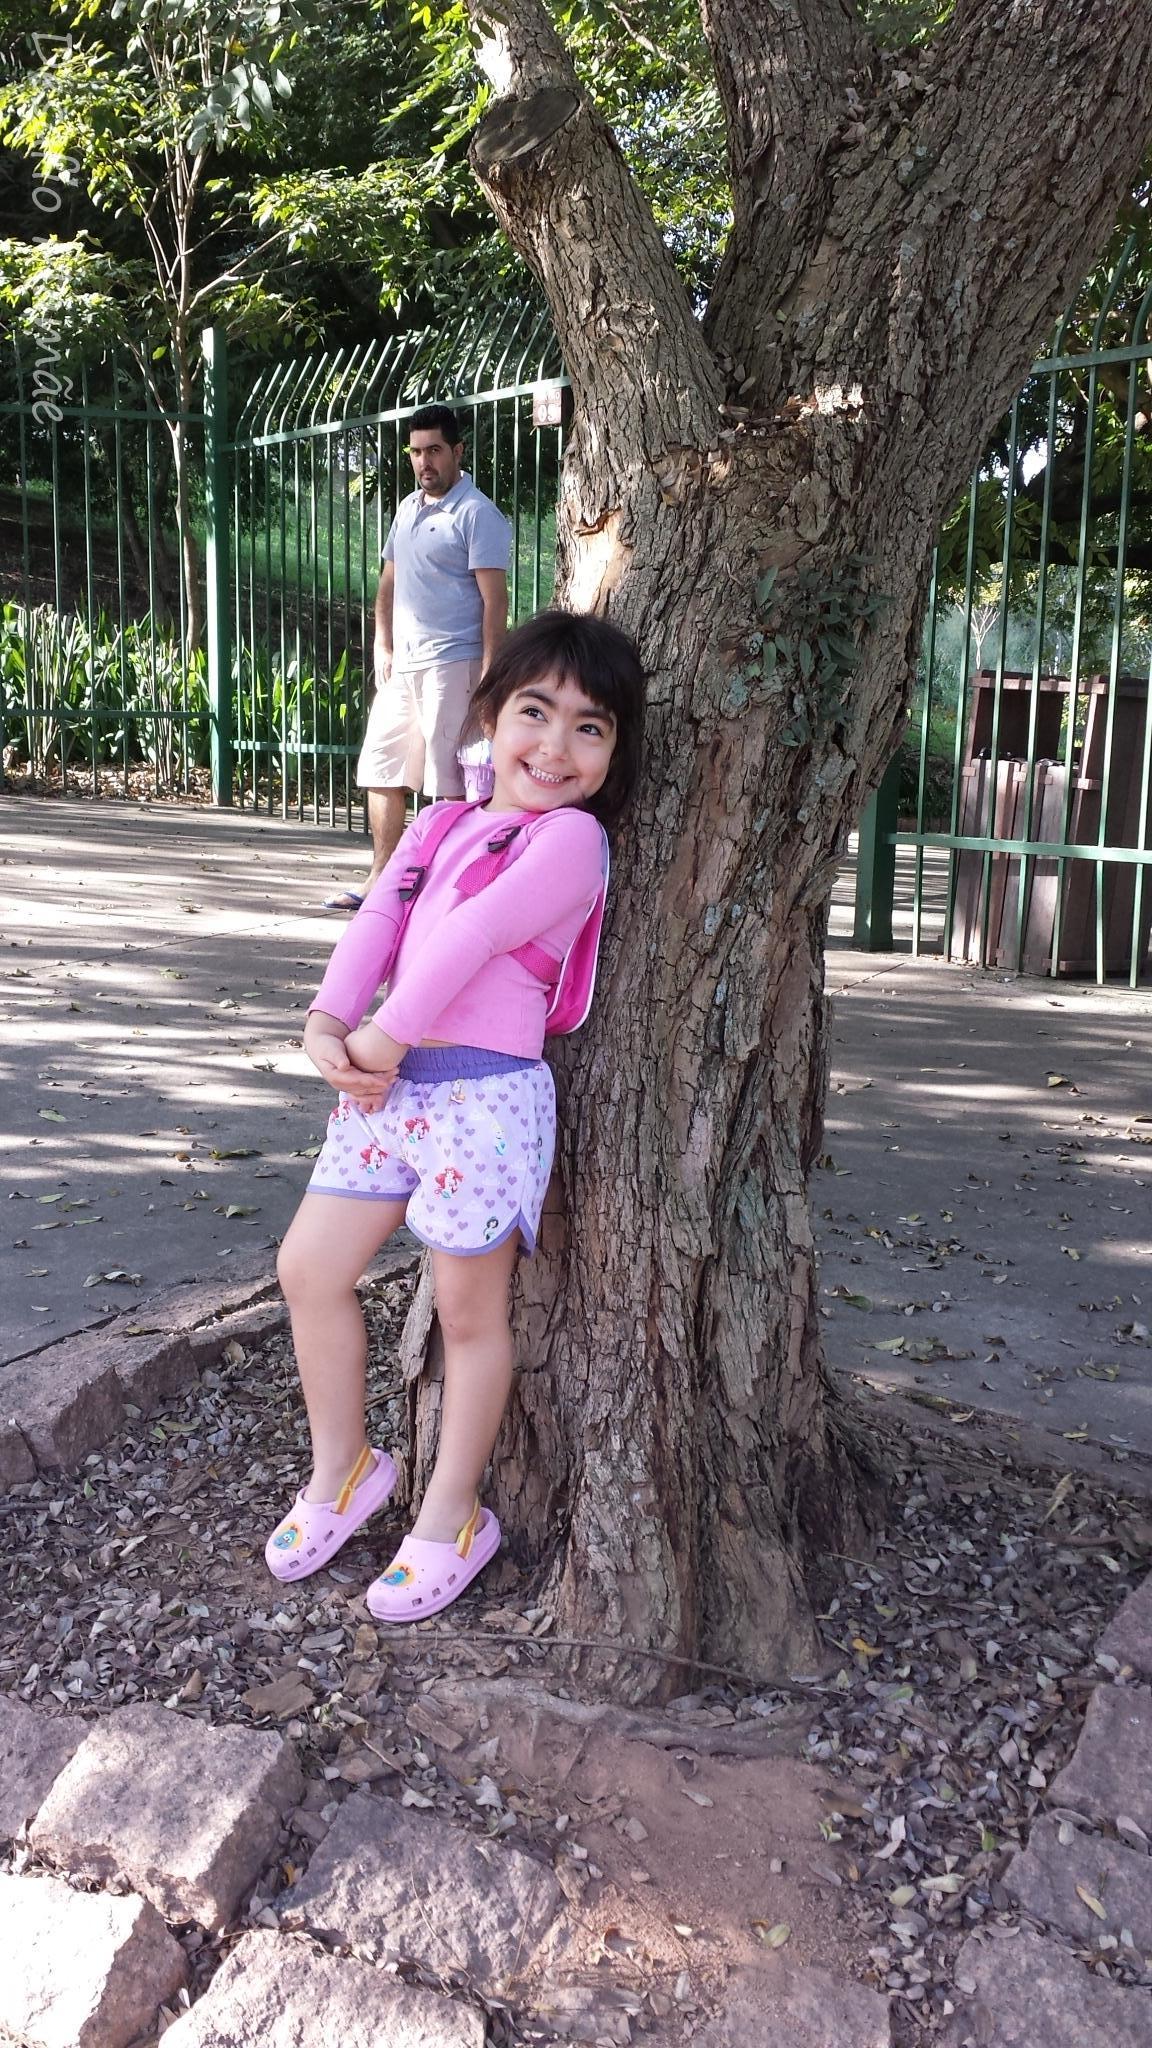 Parque Jacintho Alberto